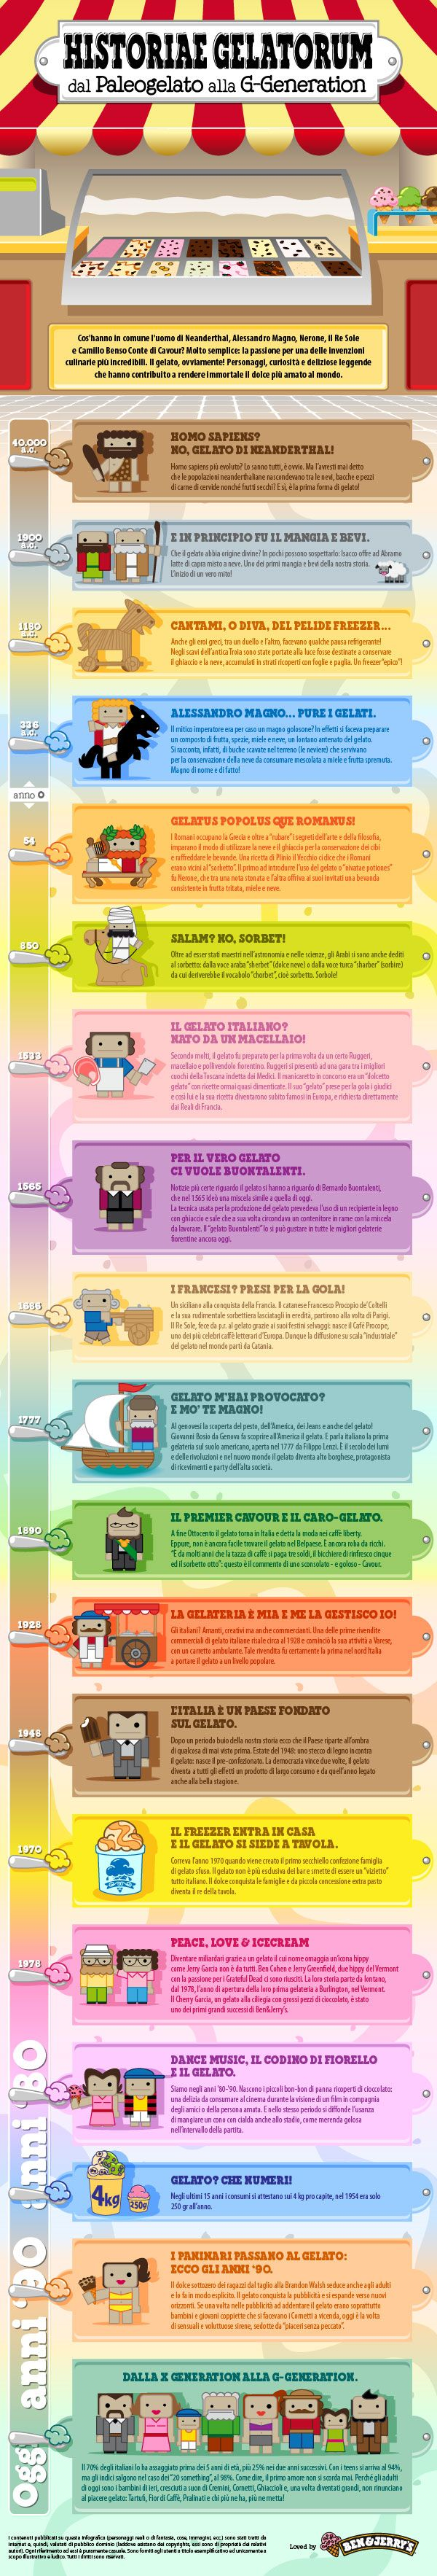 storia del gelato ben&jerry